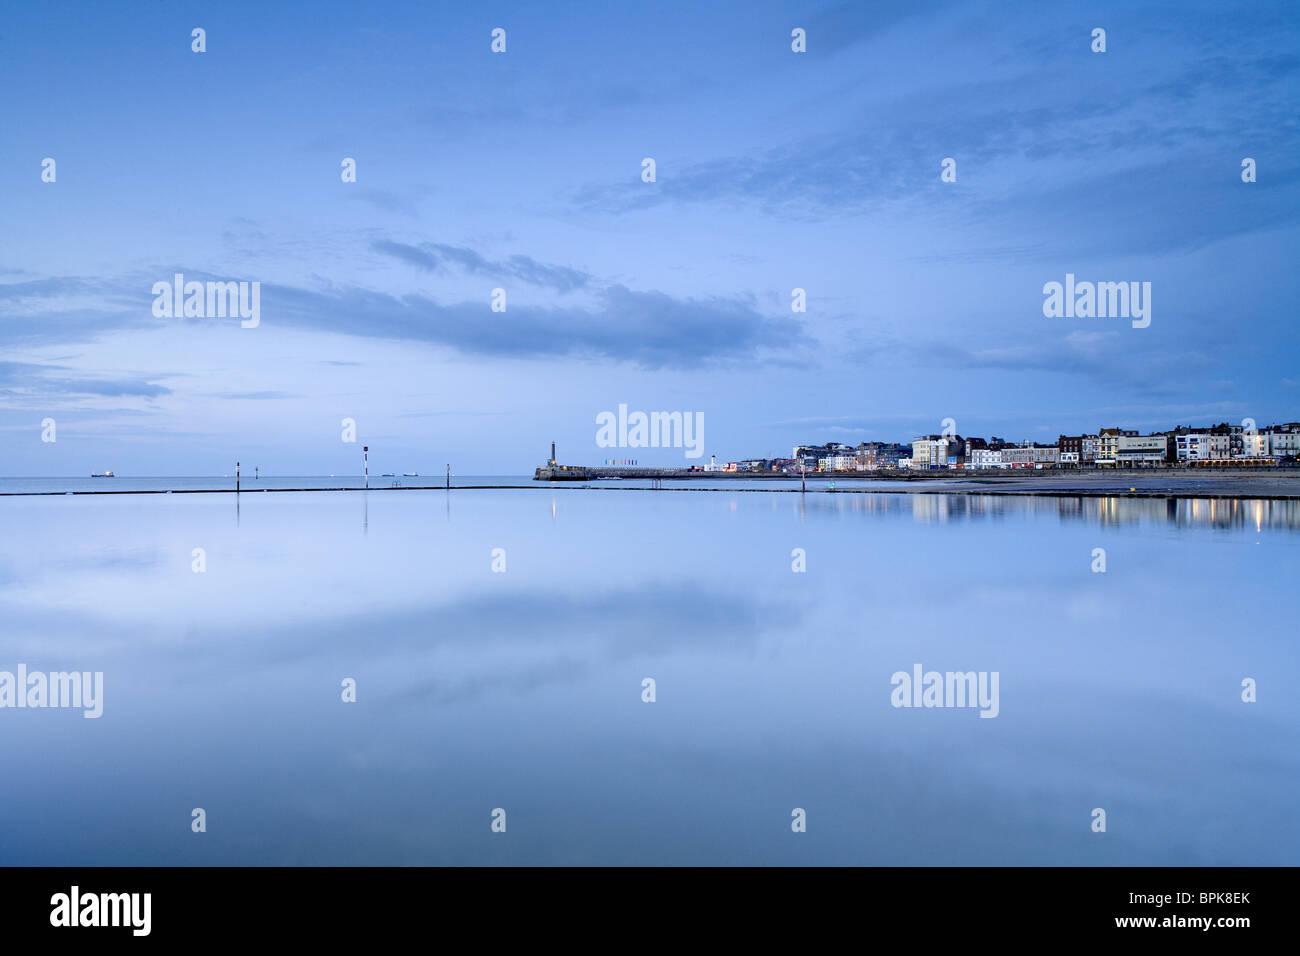 Küstenstadt Margate, Kent, England, Großbritannien, Europa Stockfoto